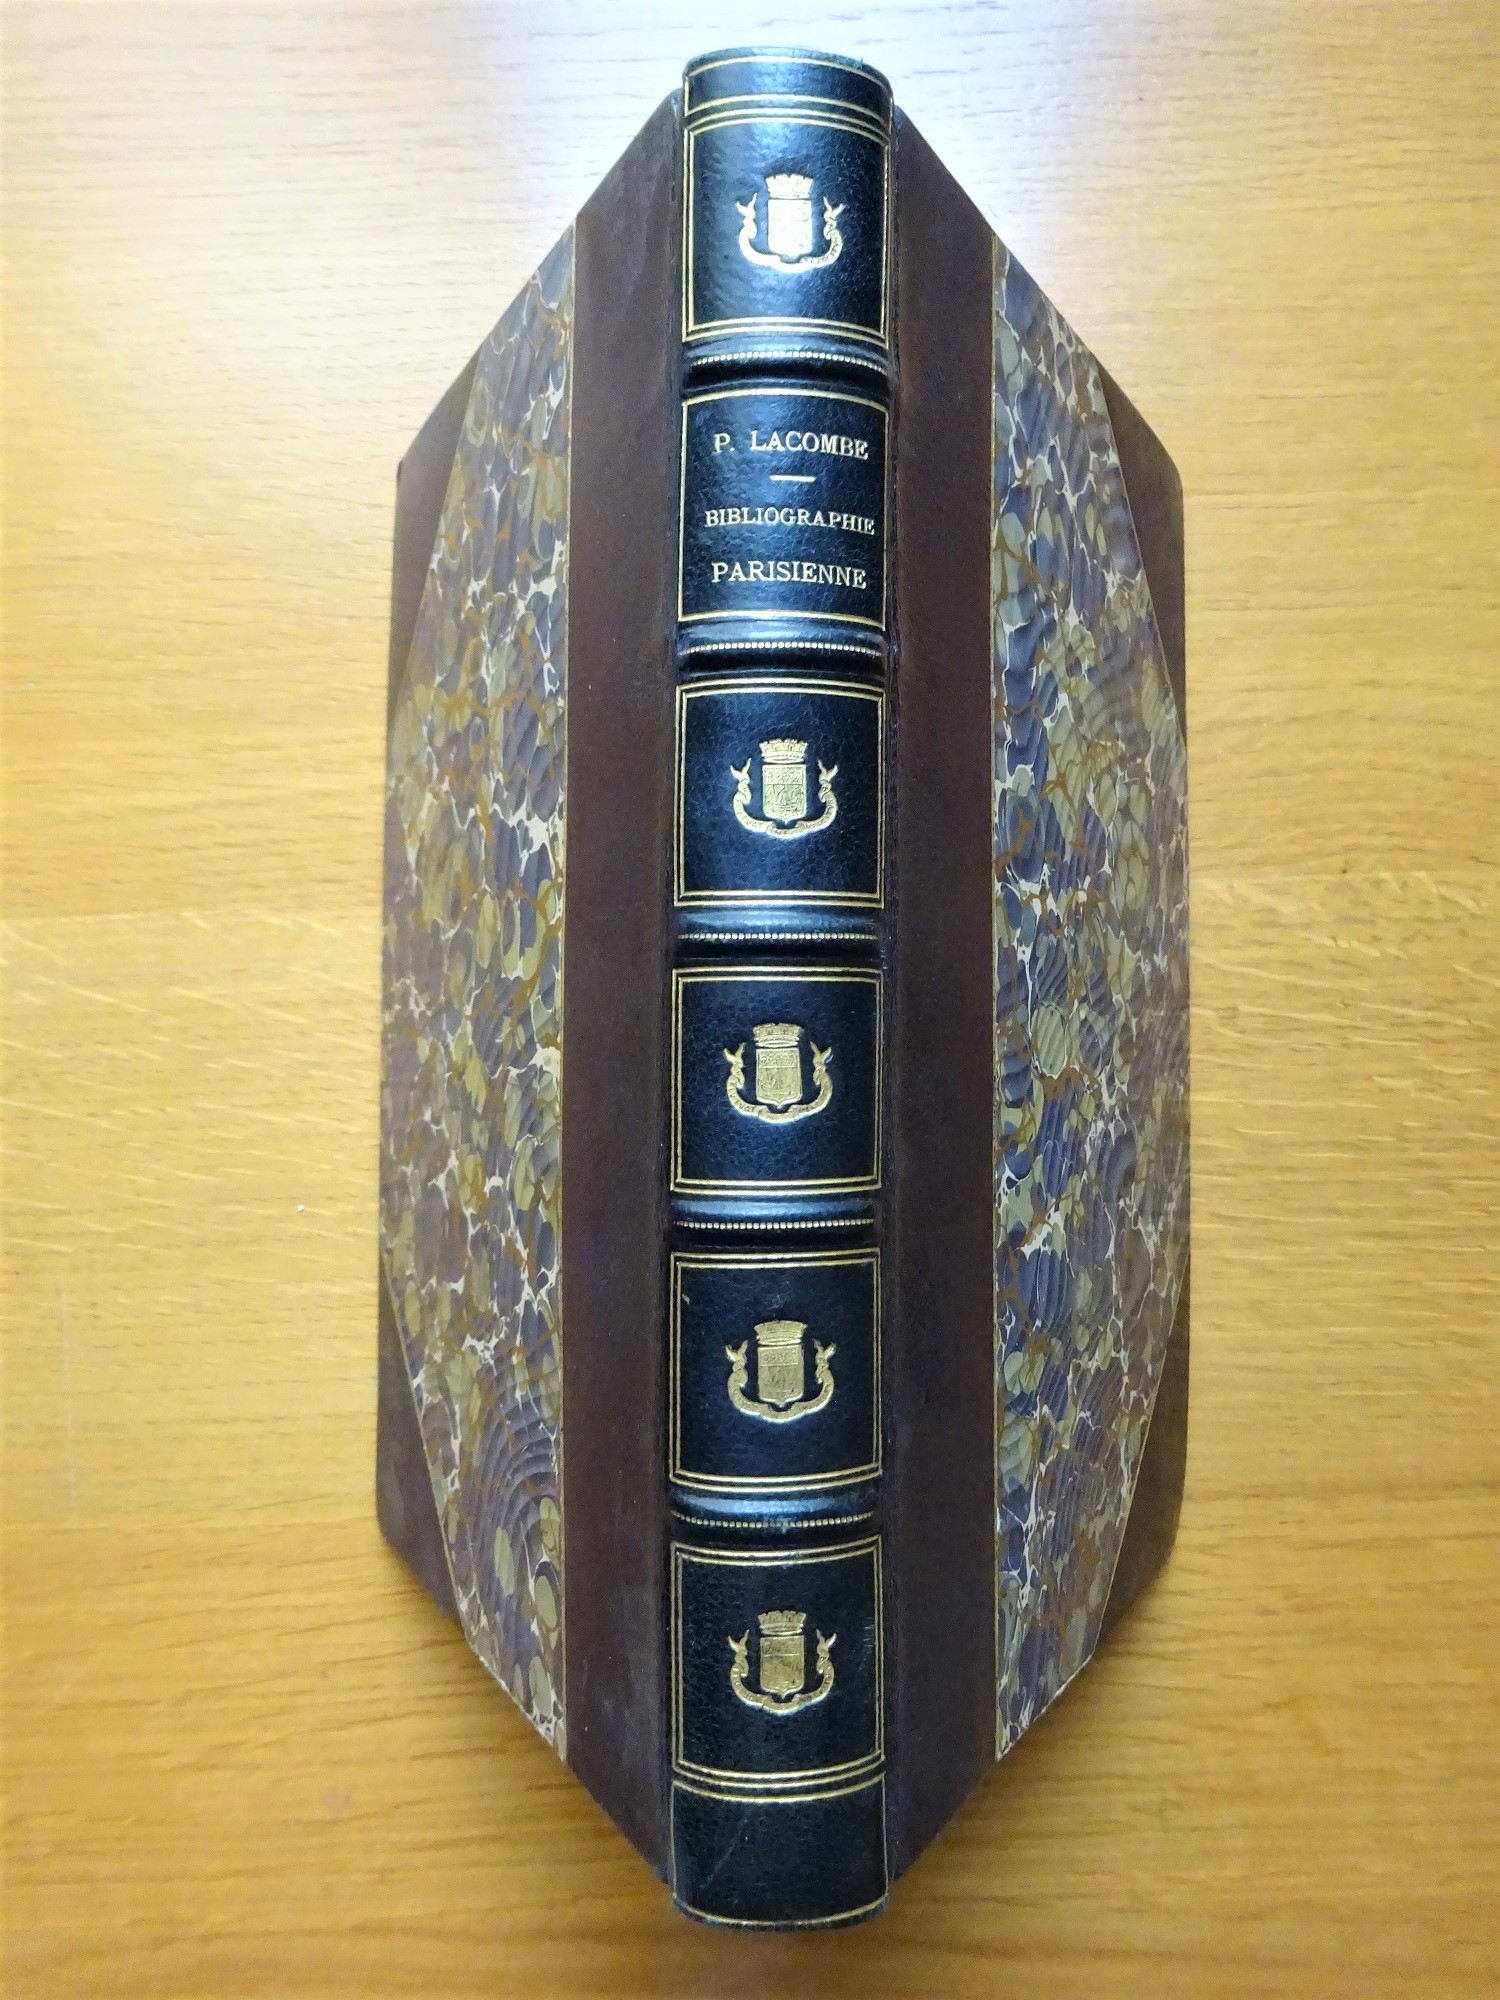 Bibliographie parisienne